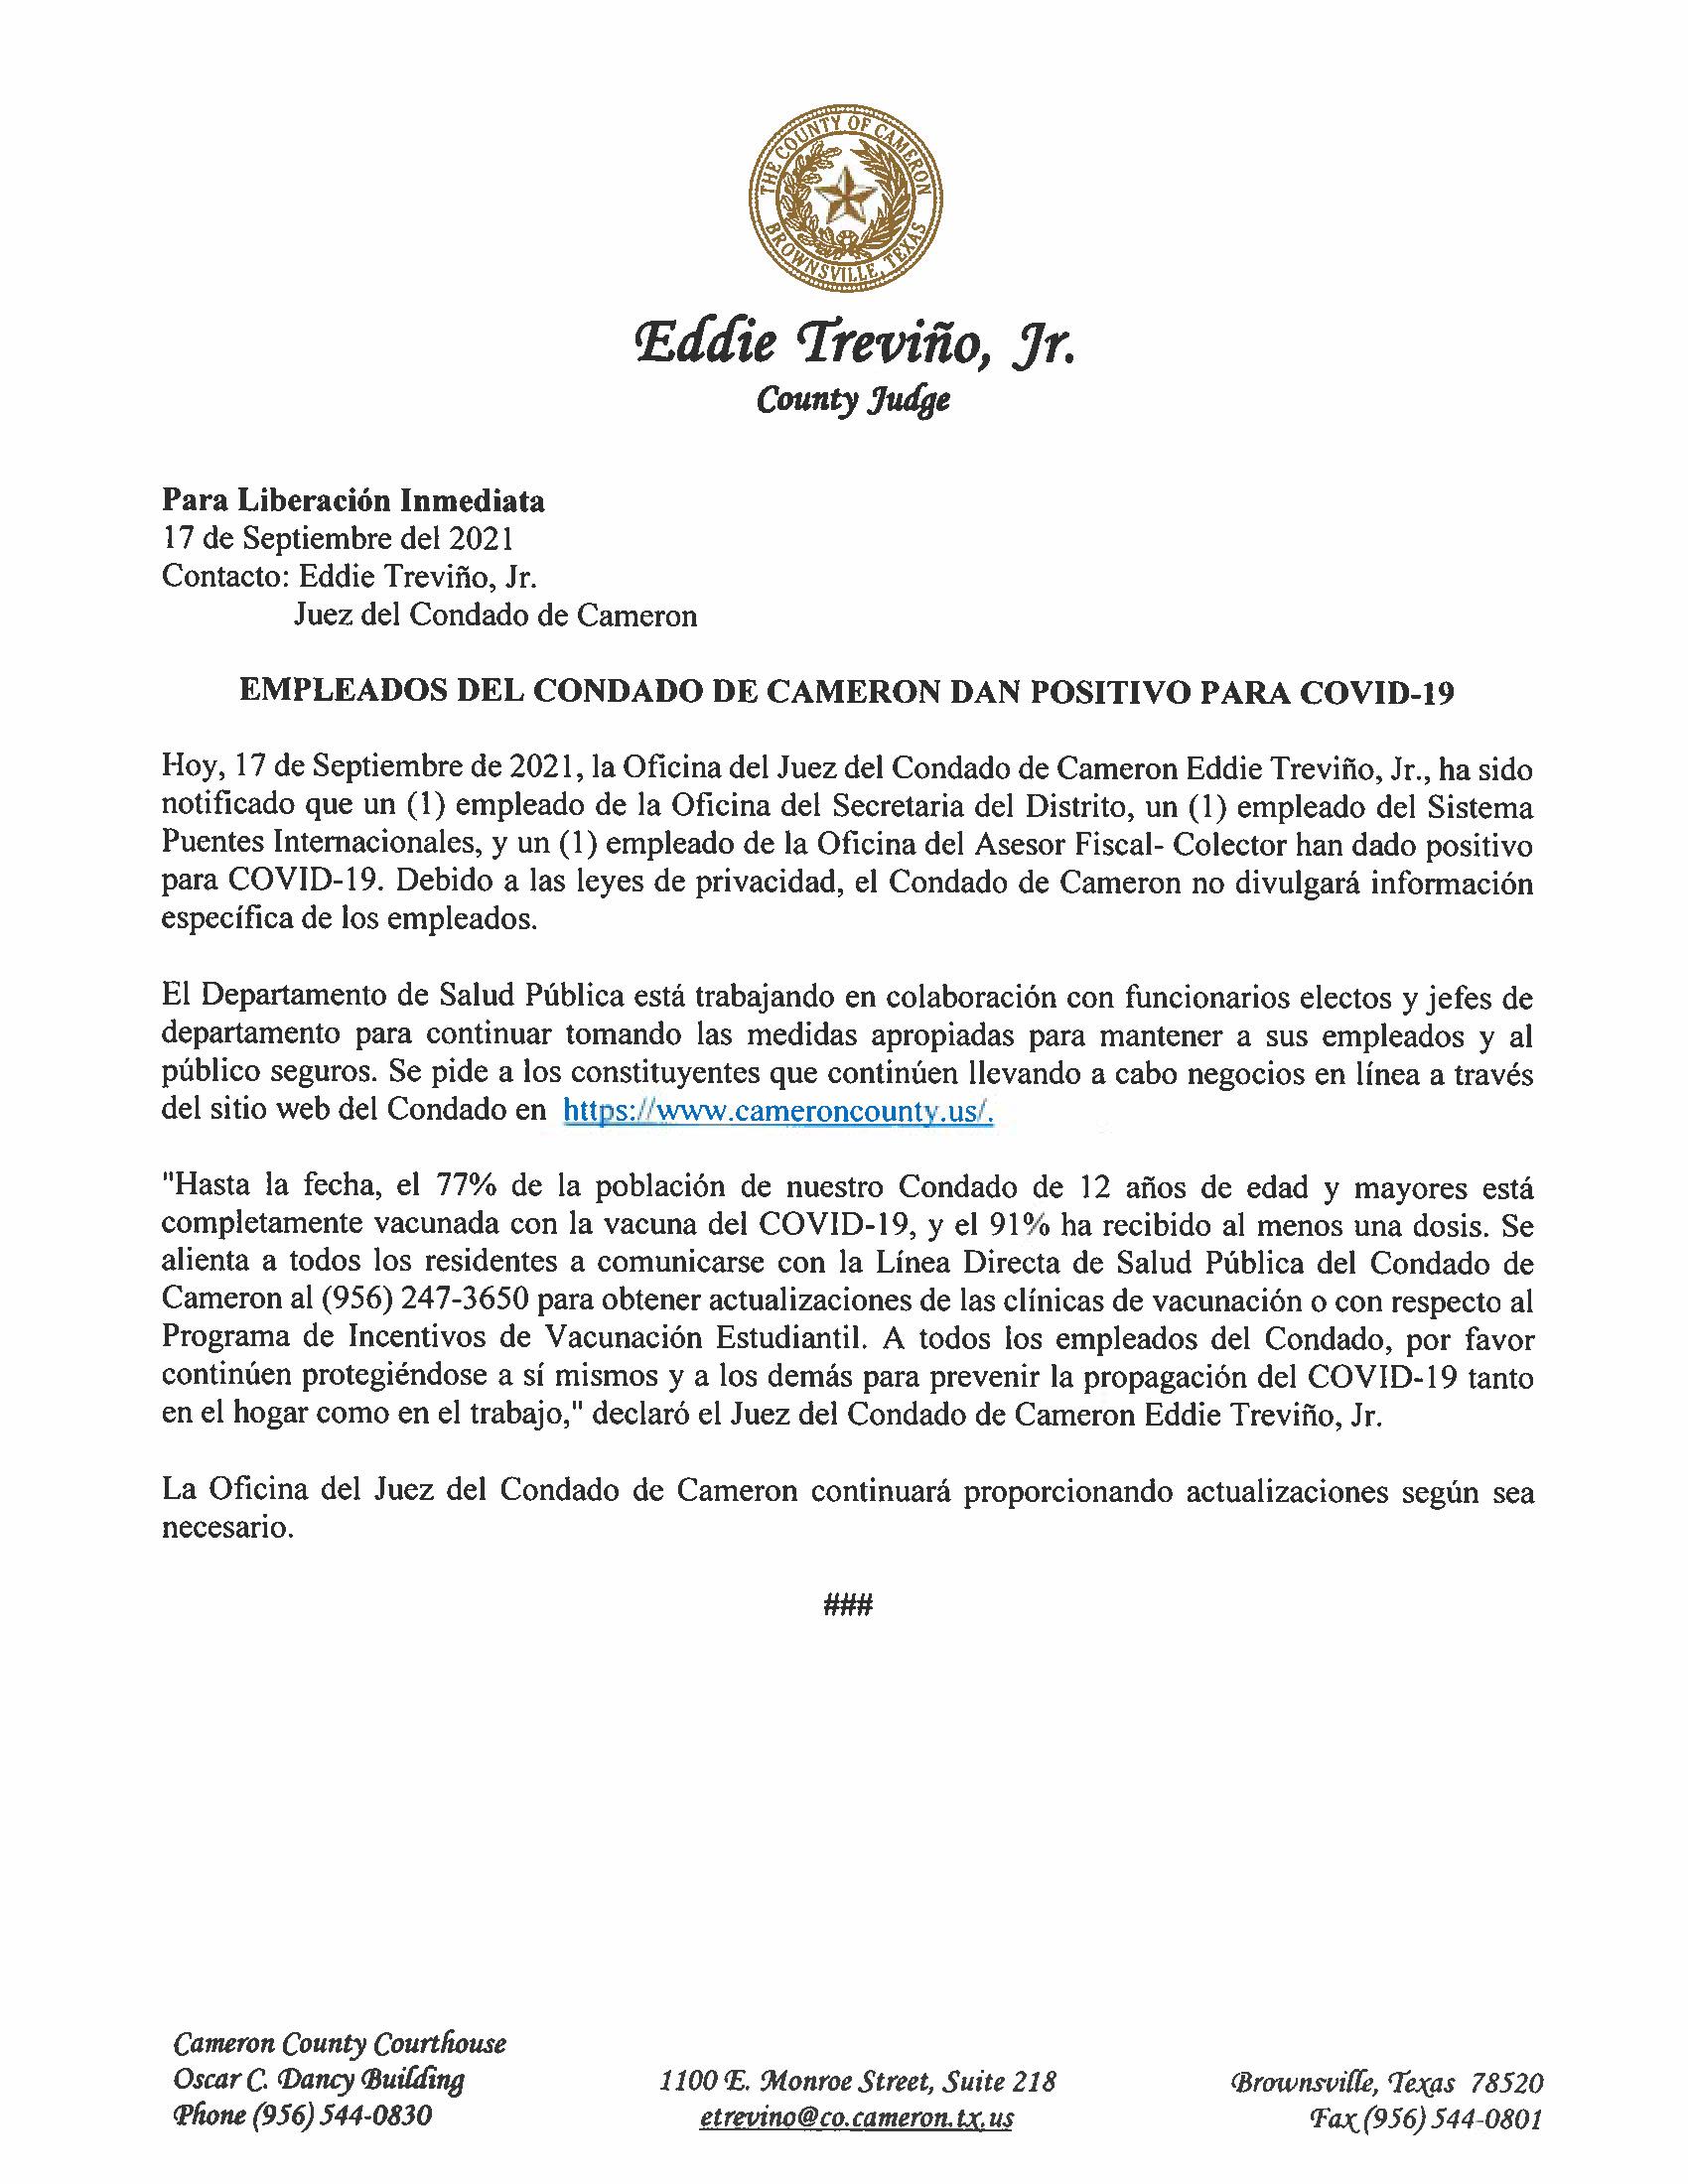 9.17.21 Empleados Del Condado De Cameron Dan Positivo Para COVID 19